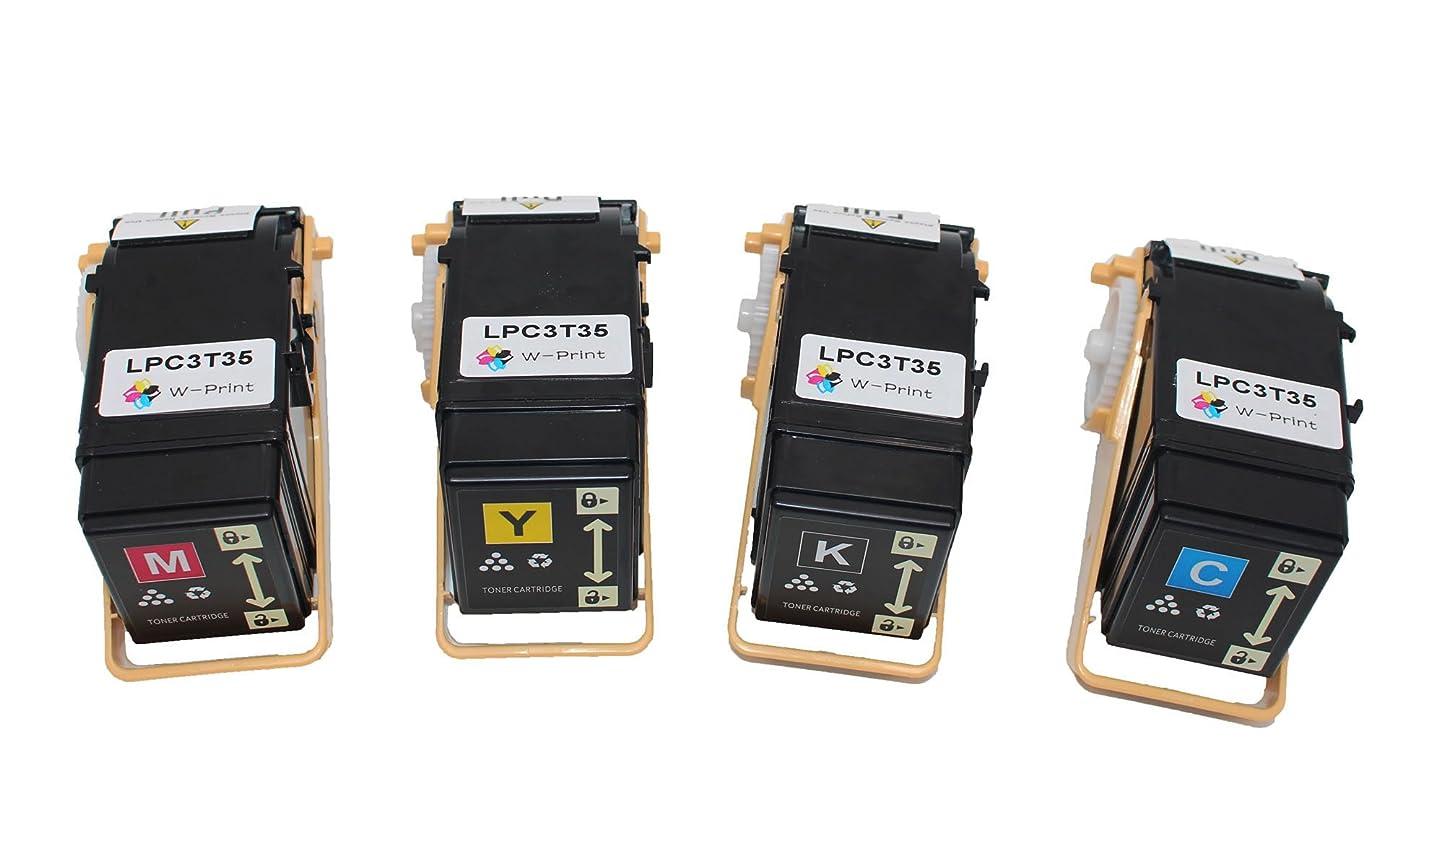 放つ矛盾するエロチックW-Print エプソン用 LPC3T35BK/C/M/Y 4色セット 互換トナーカートリッジ LP-S6160対応 ISO14001/ISO9001及び国際品質規格/STMC認証/CE認証工場生産商品